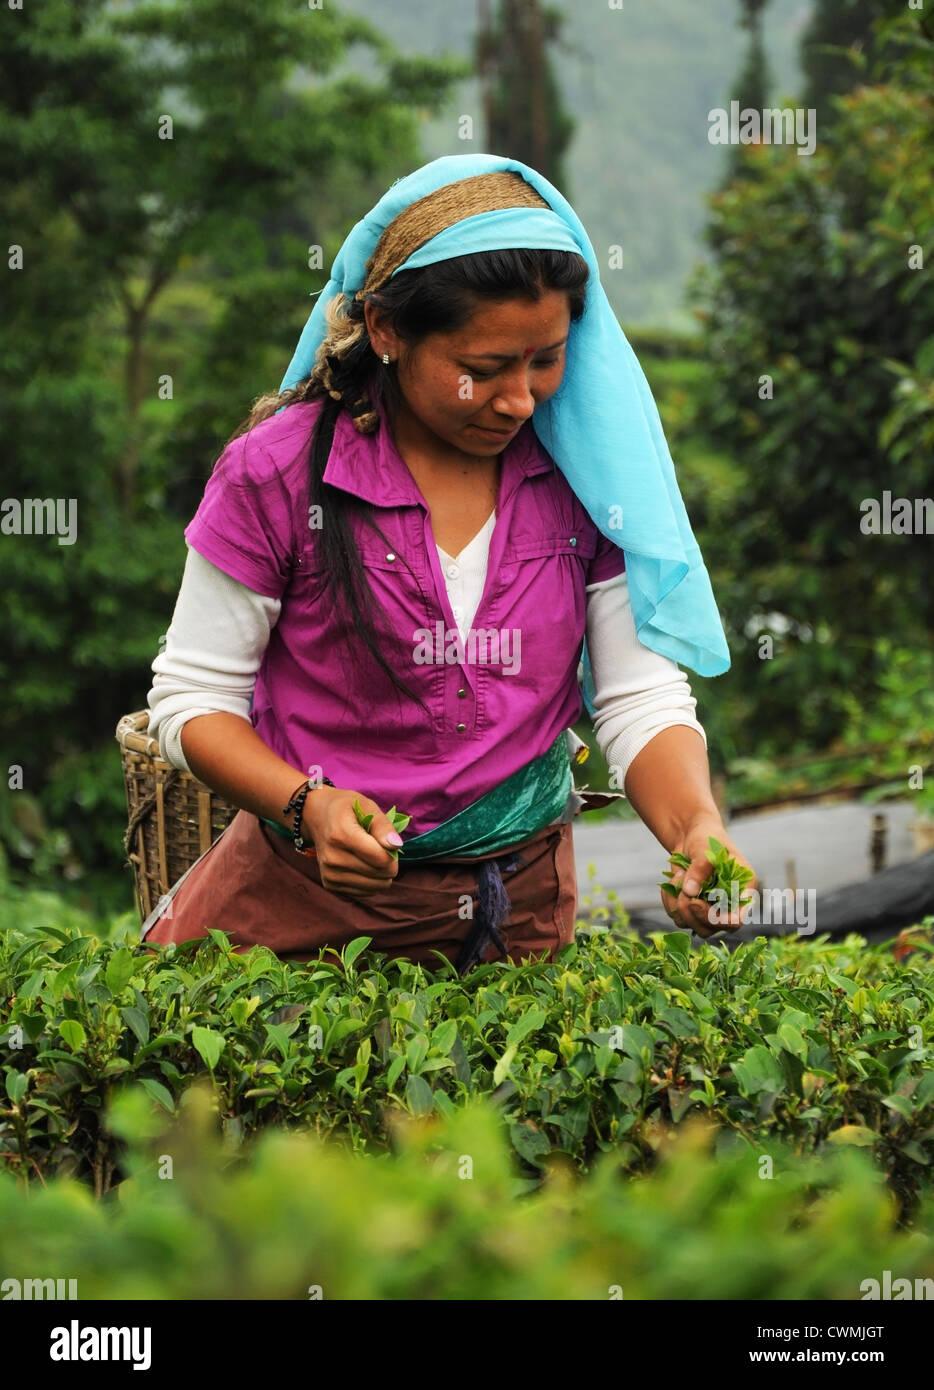 Les cueilleurs de thé Darjeeling thé sur le jardin, de l'Inde Photo Stock